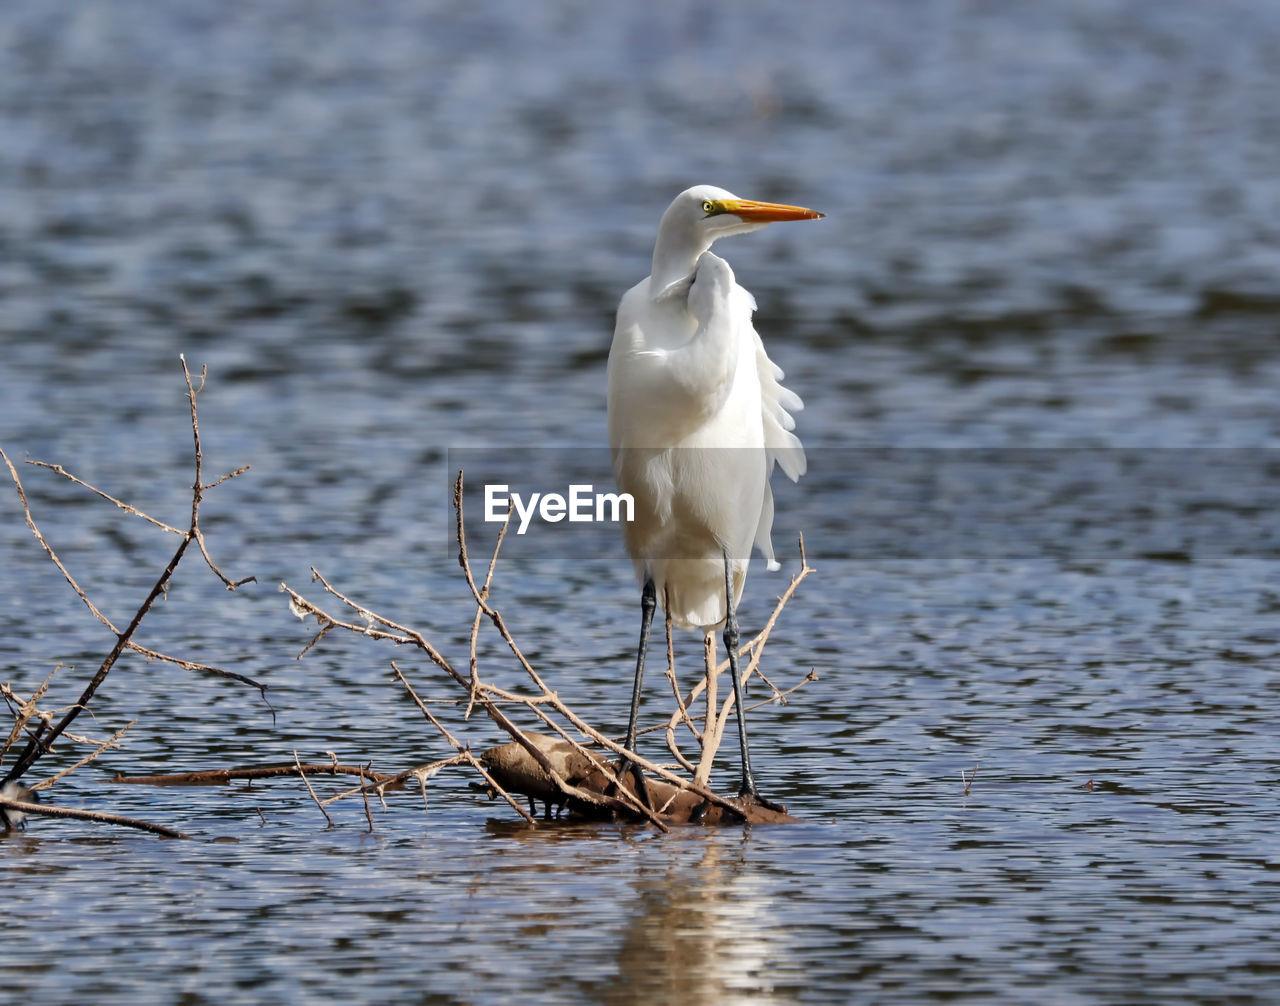 Heron perching in lake